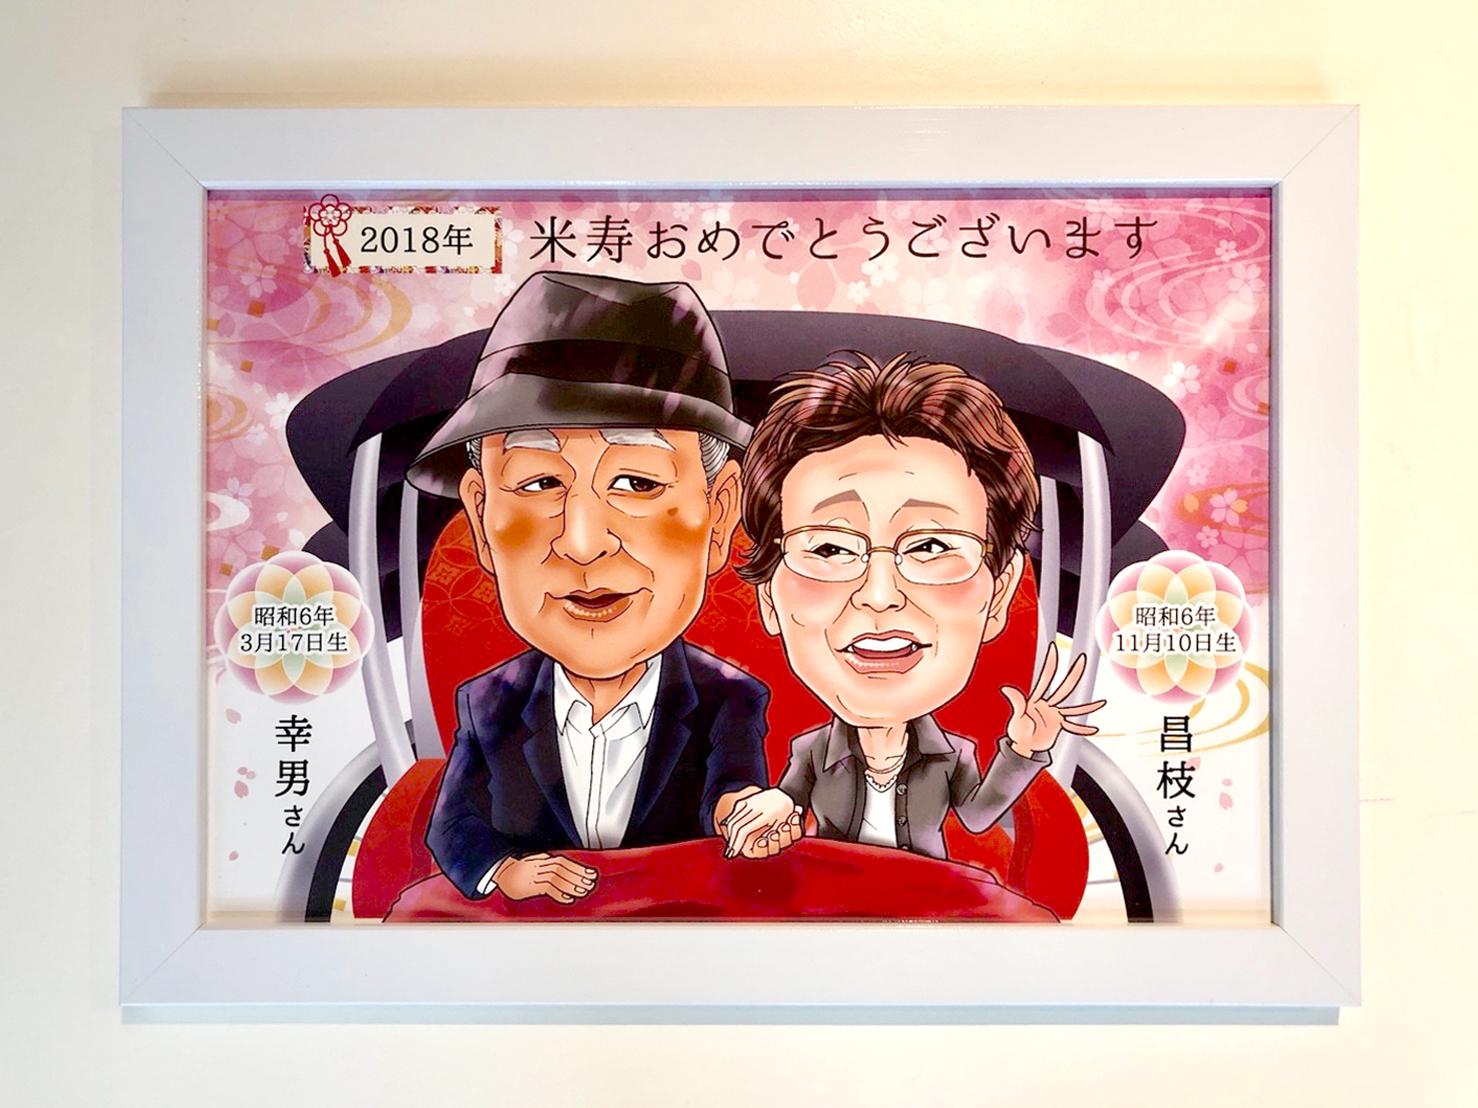 米寿お祝い似顔絵プレゼント